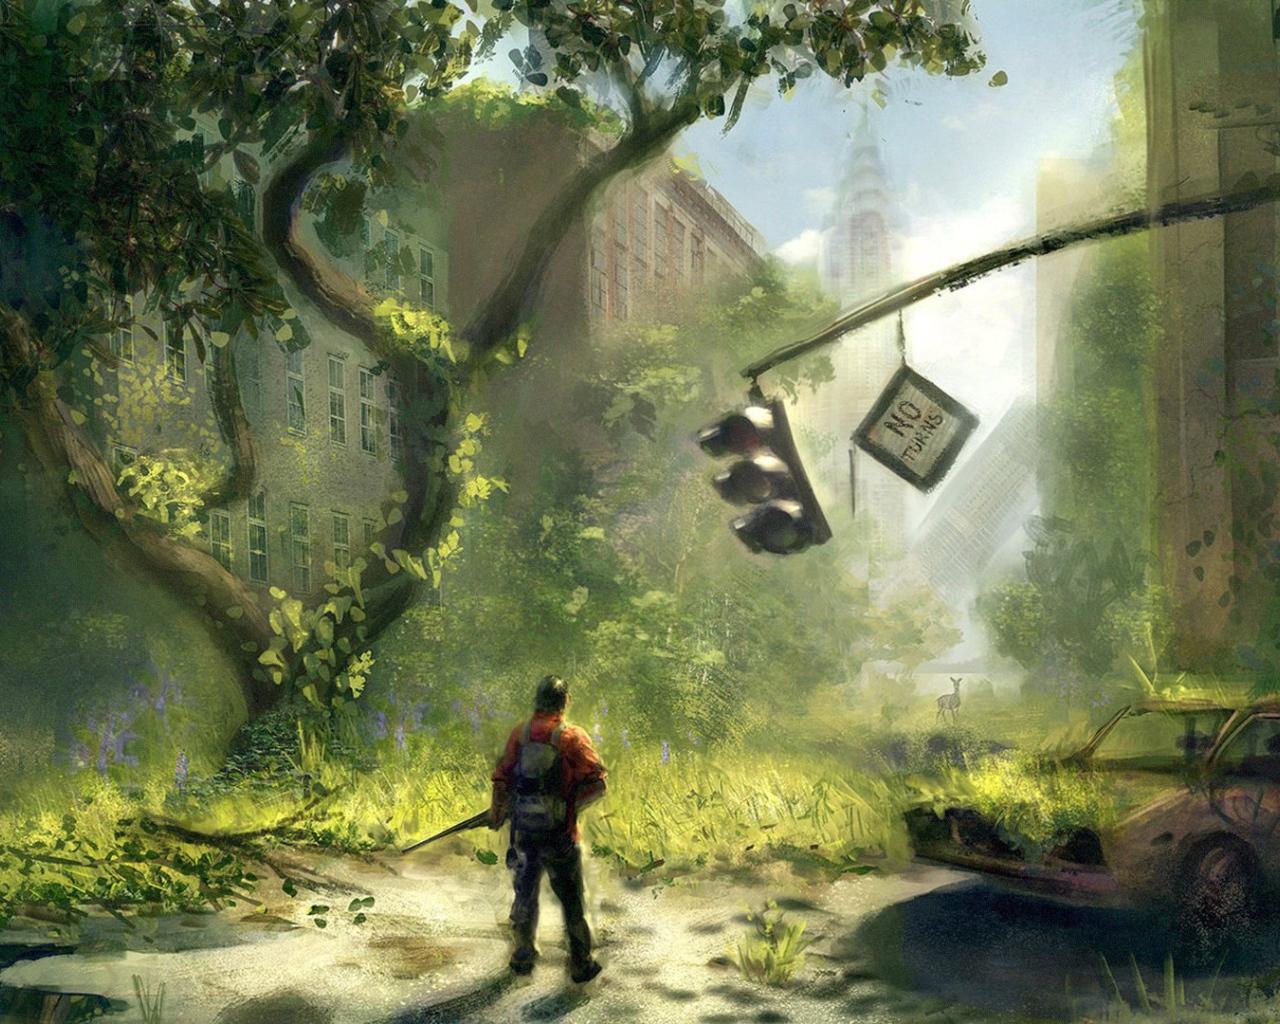 The Last Of Us Desktop Wallpapers 1280x1024